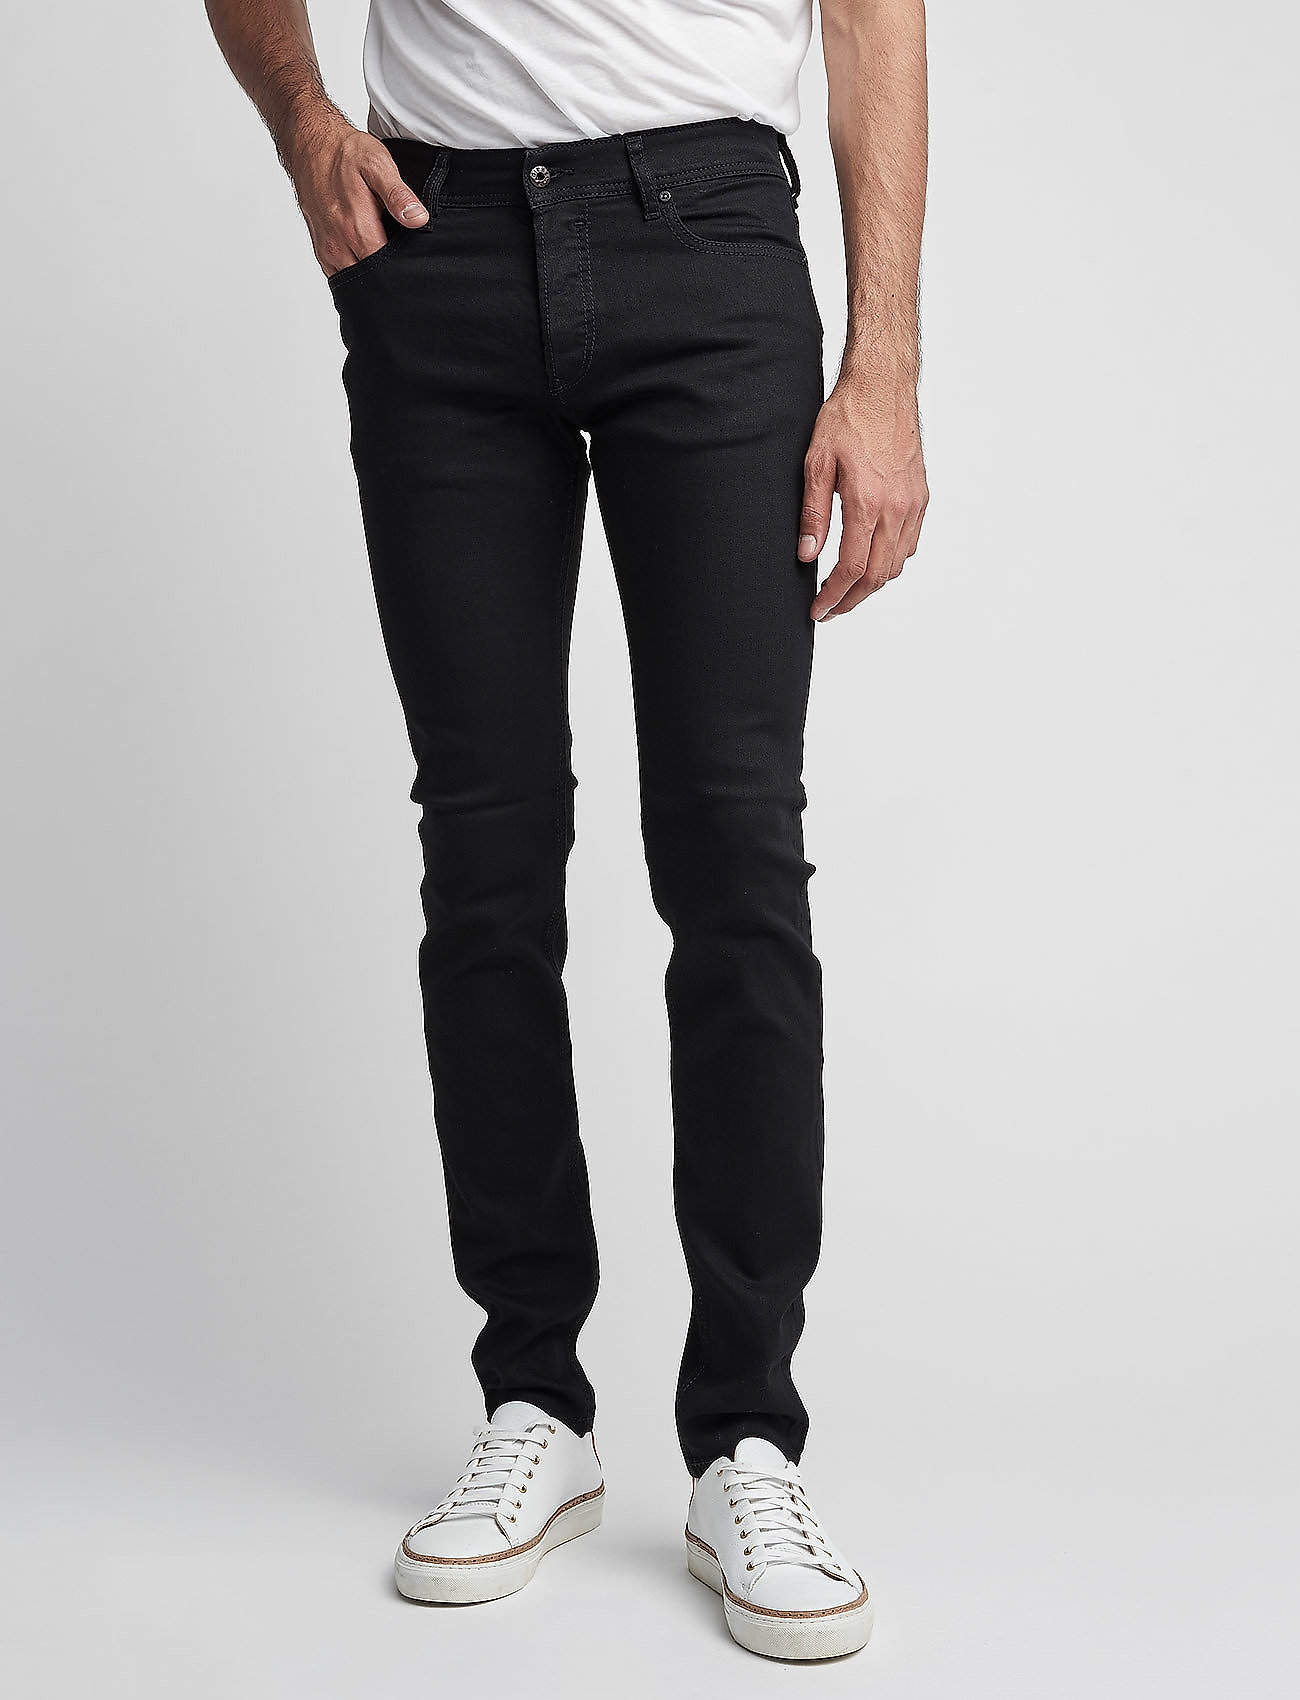 Diesel Men - SLEENKER - slim jeans - grey - 0